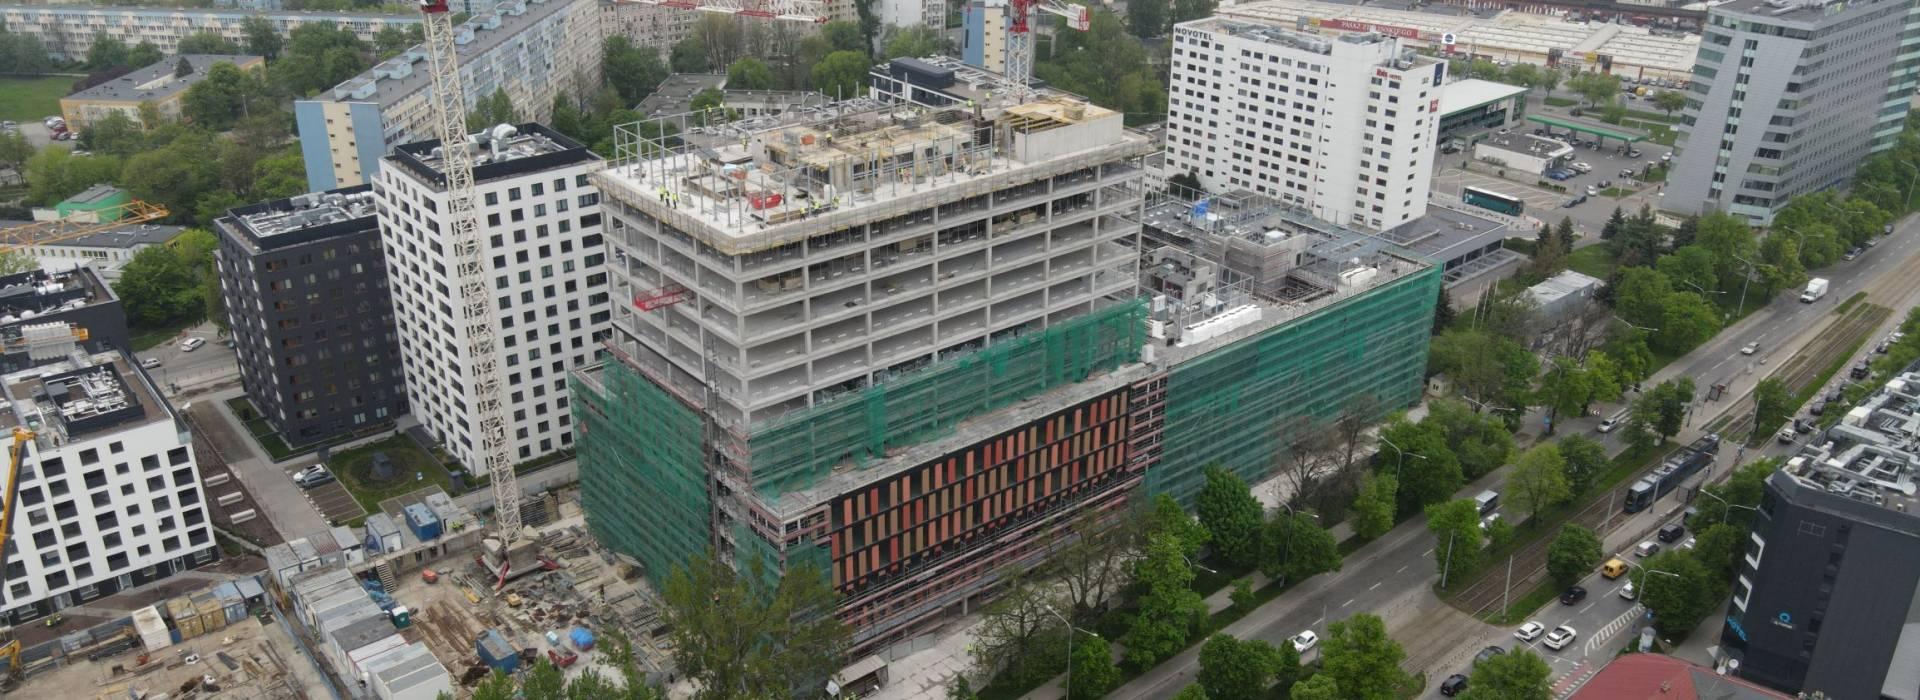 MidPoint71 - raport zbudowy maj 2021